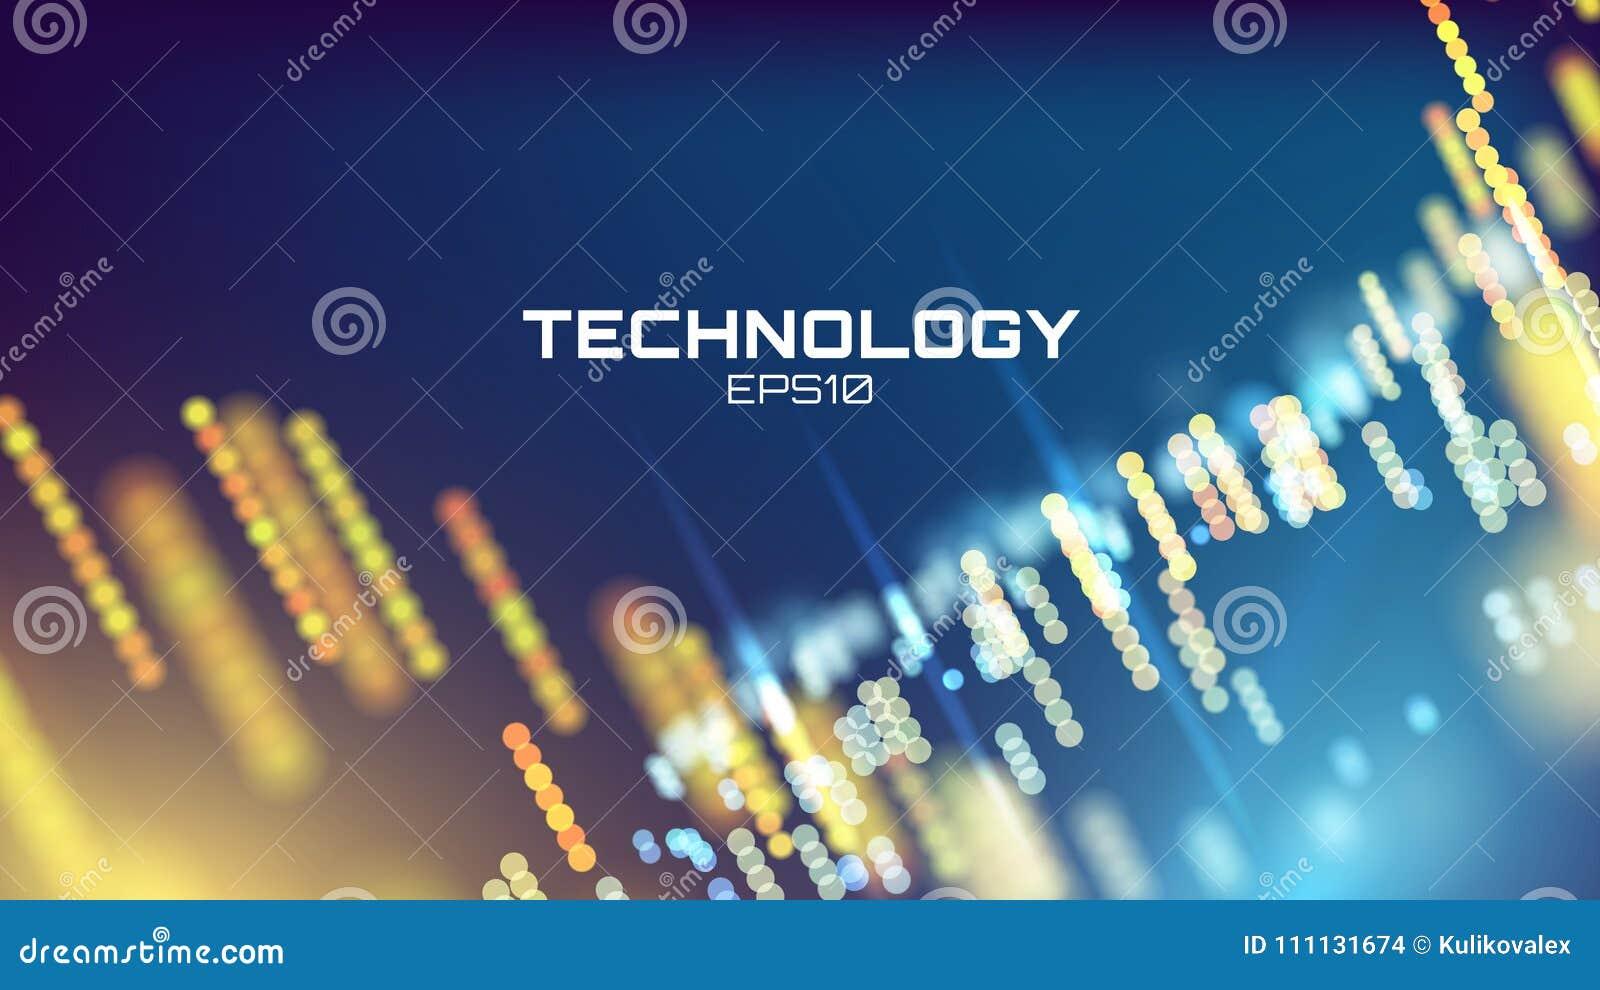 技术背景 霓虹焕发栅格墙纸 科学形象化